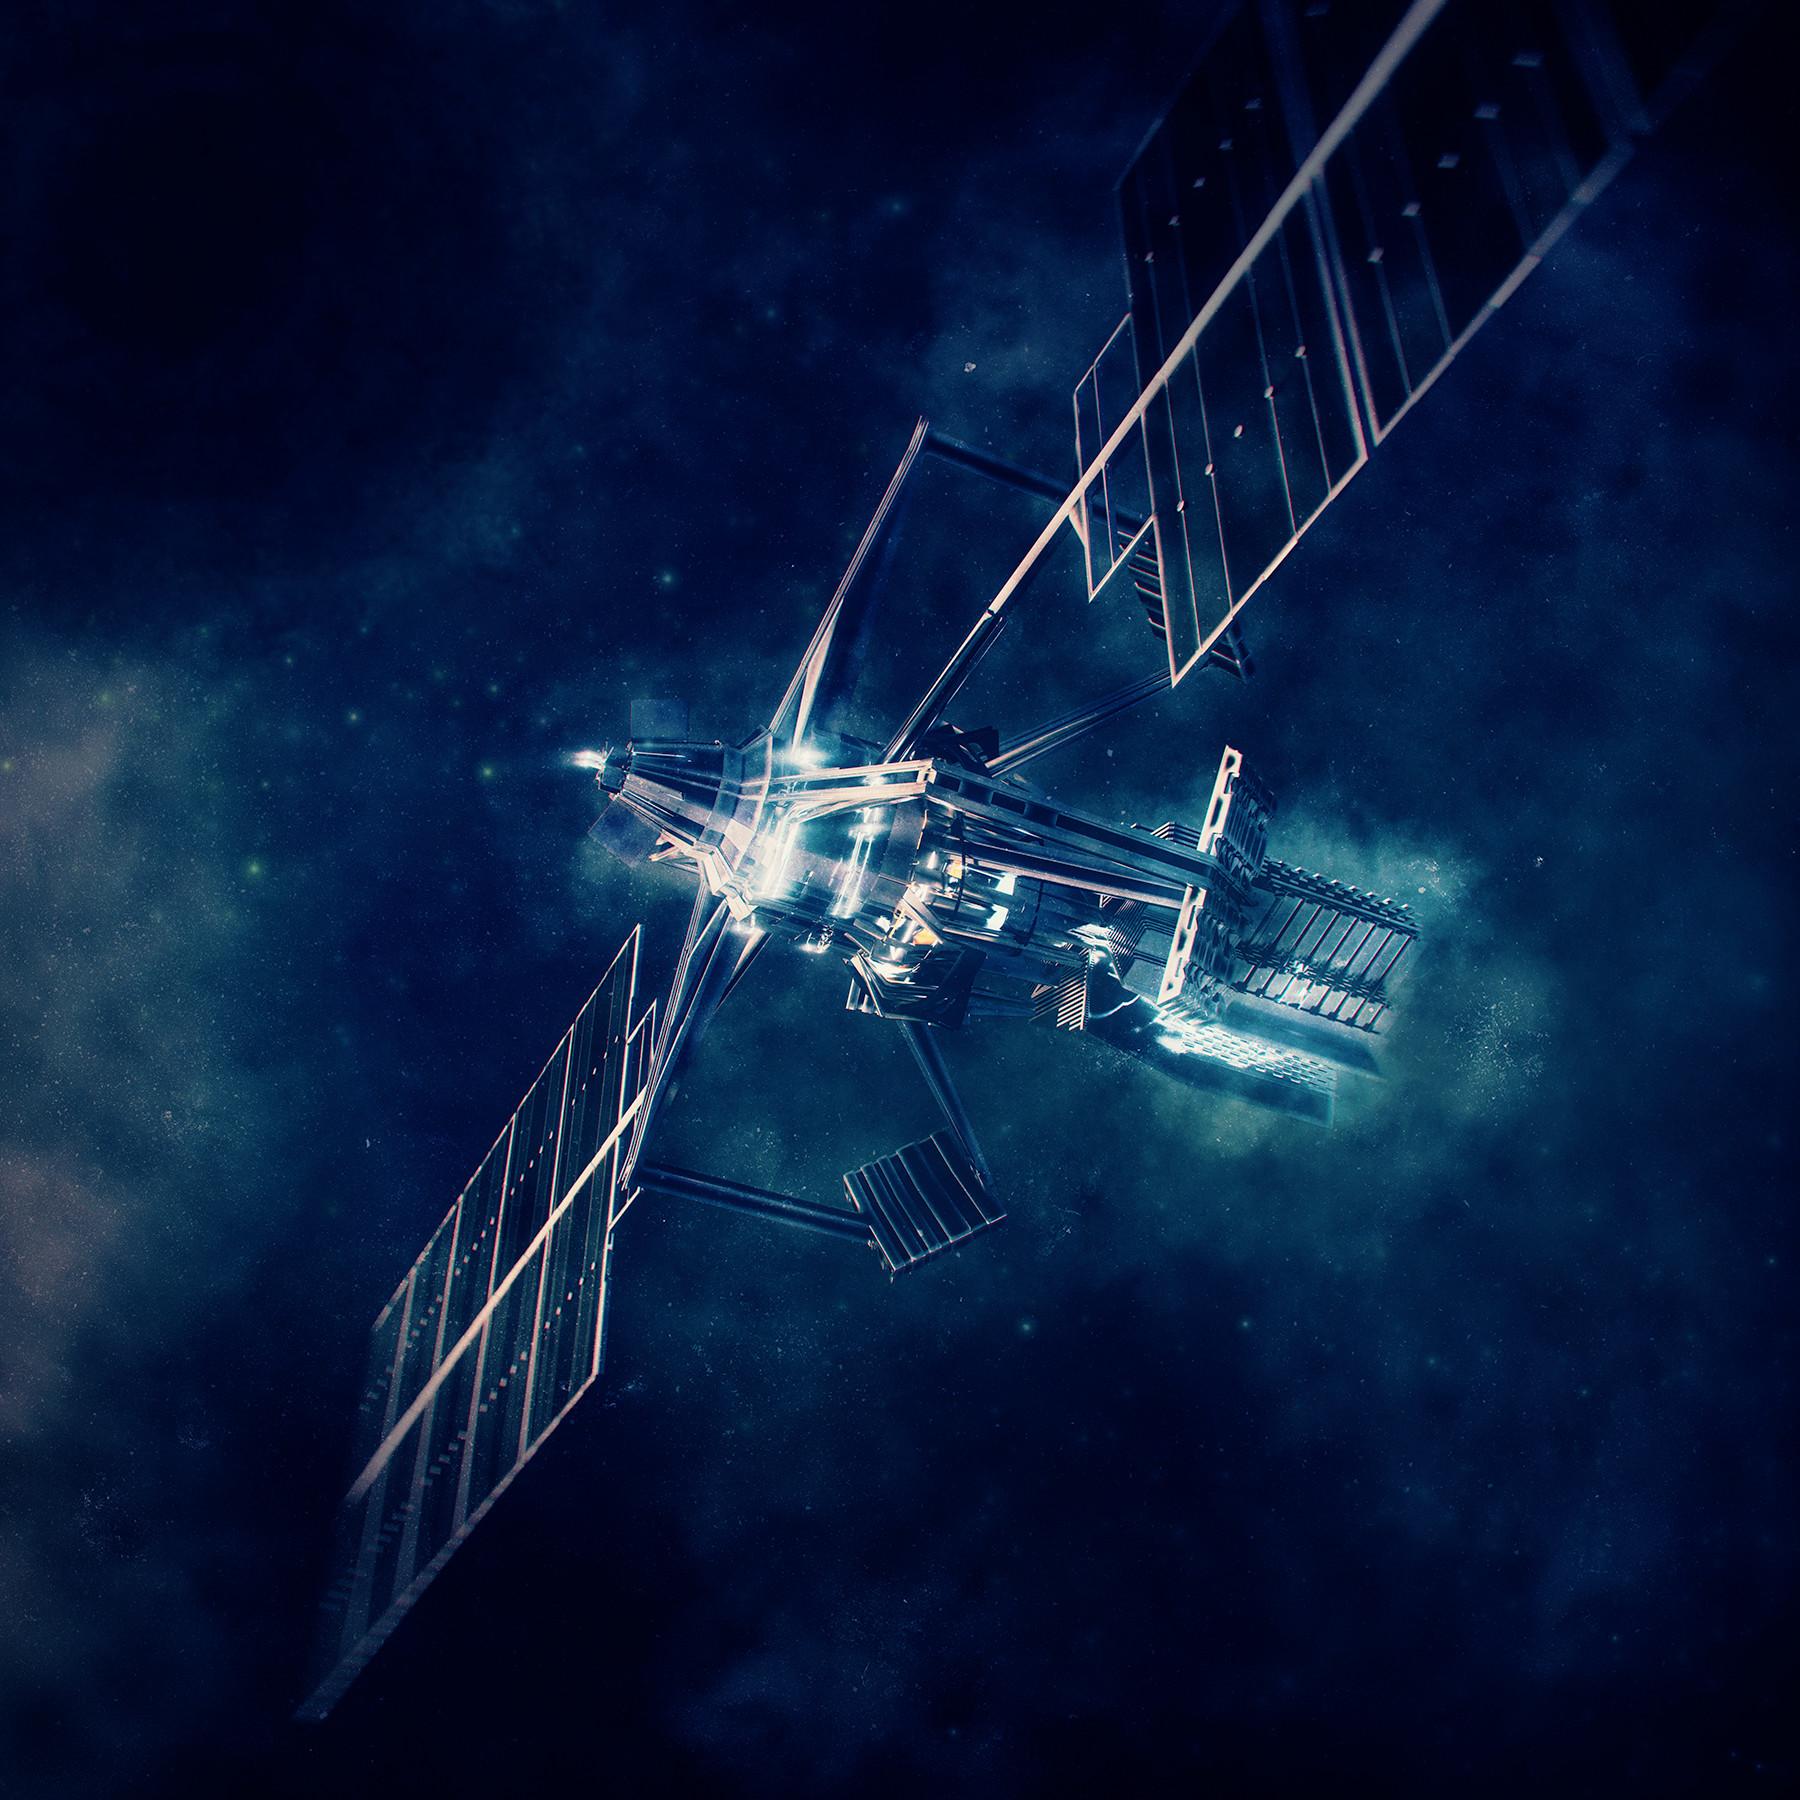 Kresimir jelusic 41 181115 satelite2